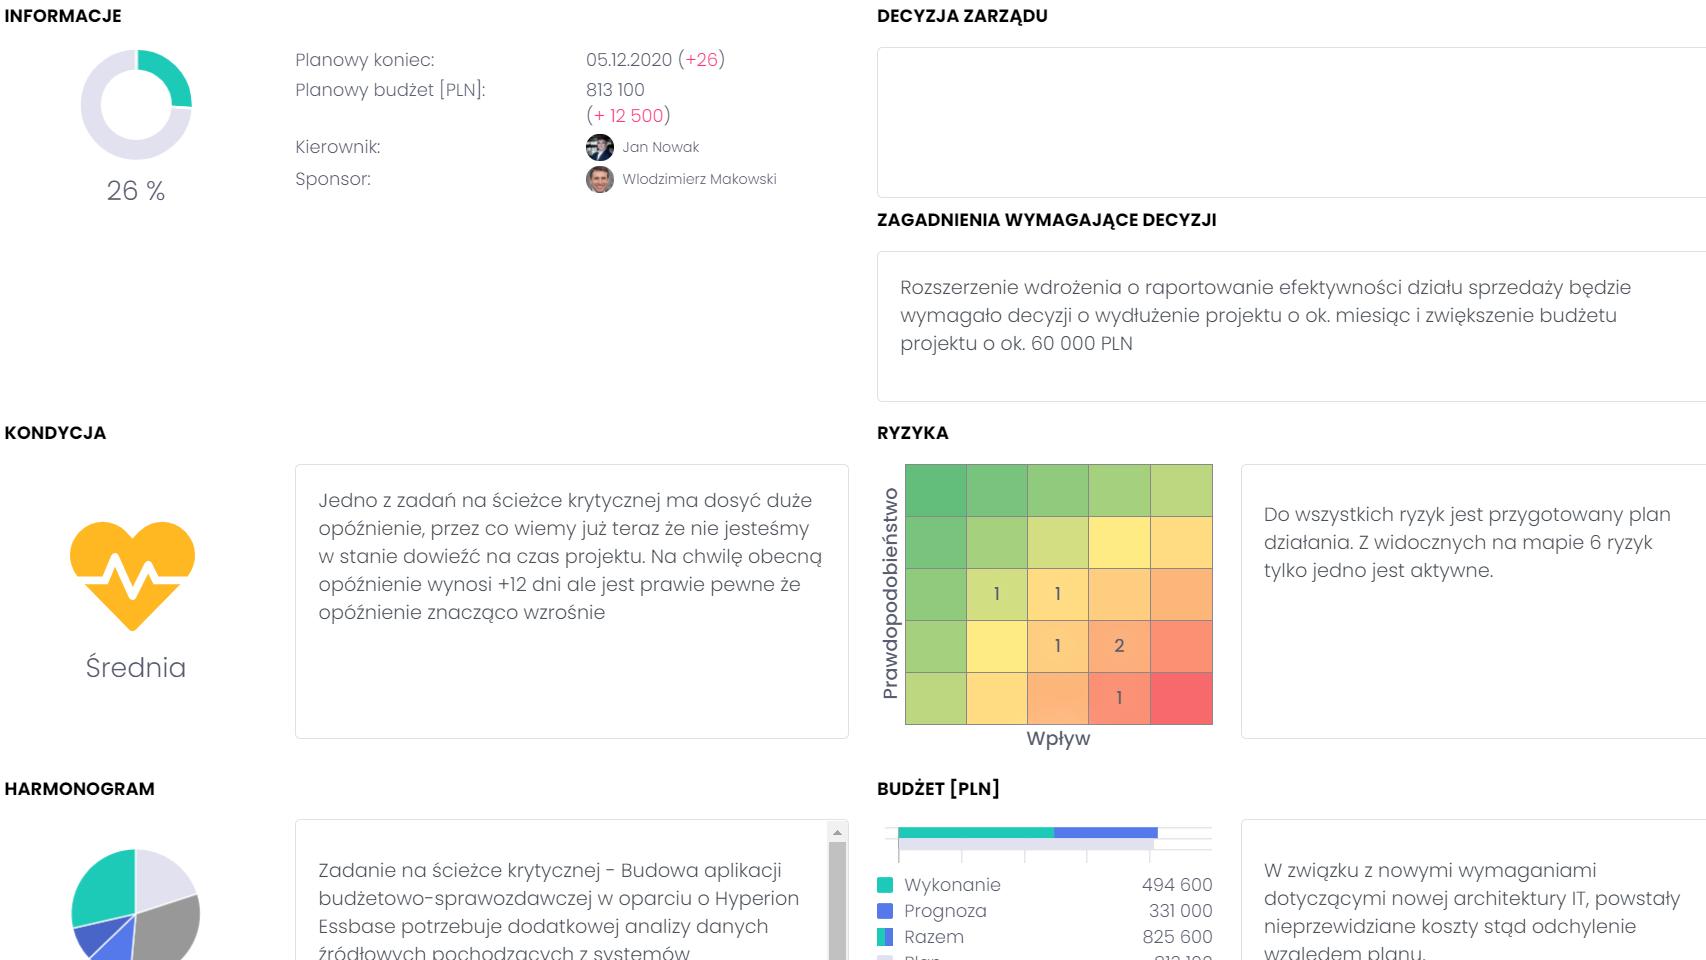 Śledzenie postępów na projektach za pomocą przeglądów projektowych FlexiProject